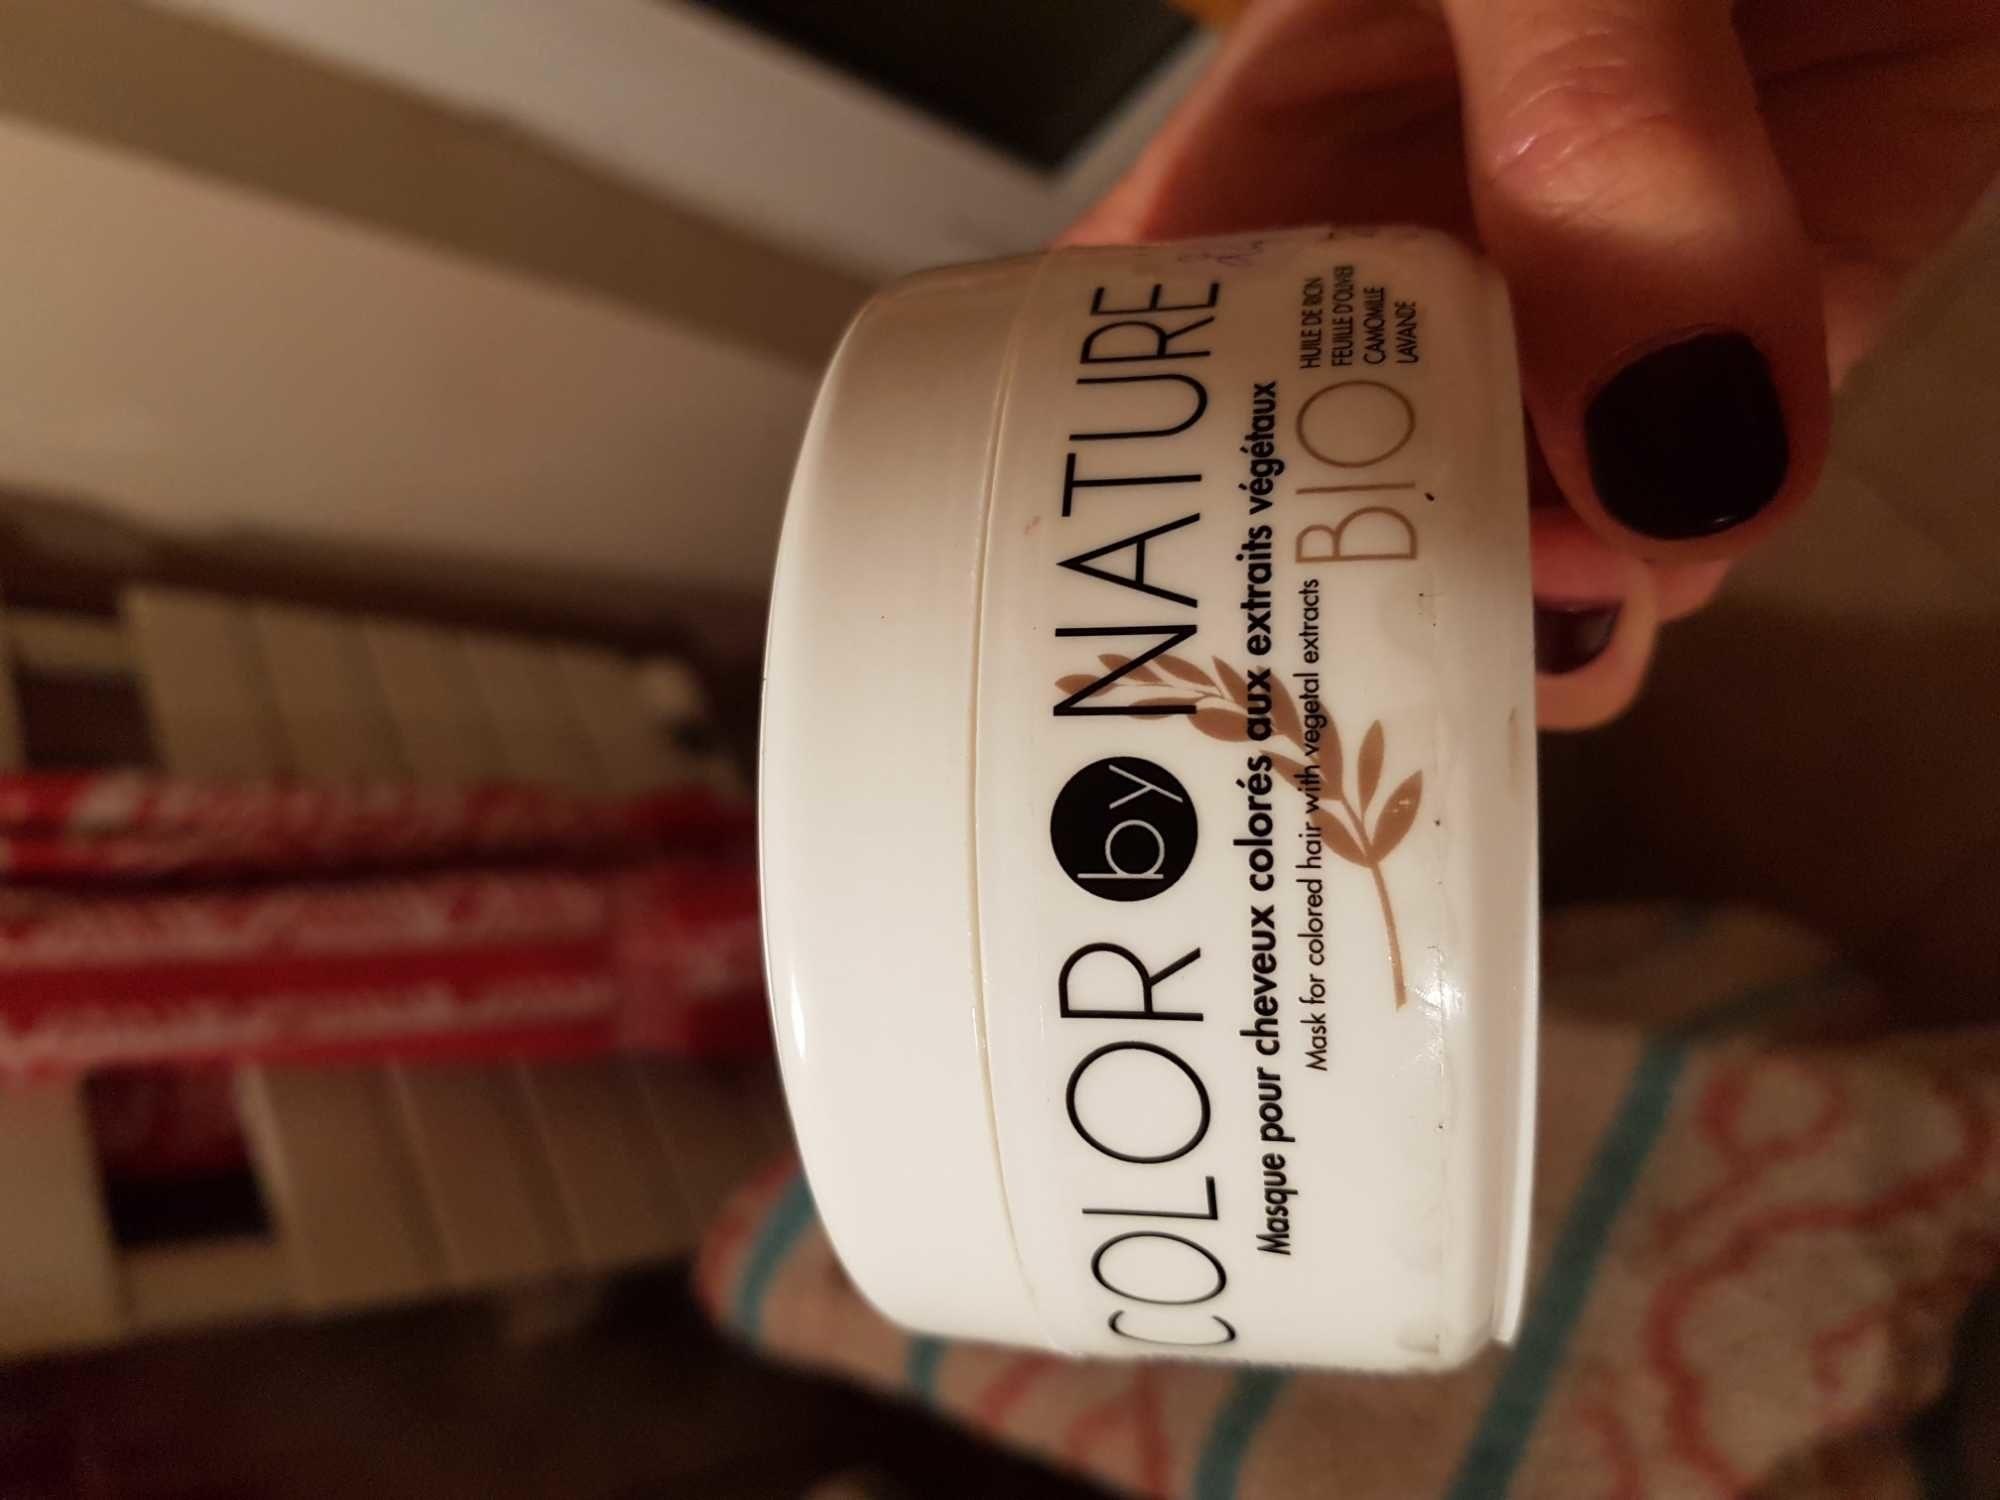 Masque pour cheveux colorés aux extraits végétaux - Produit - fr